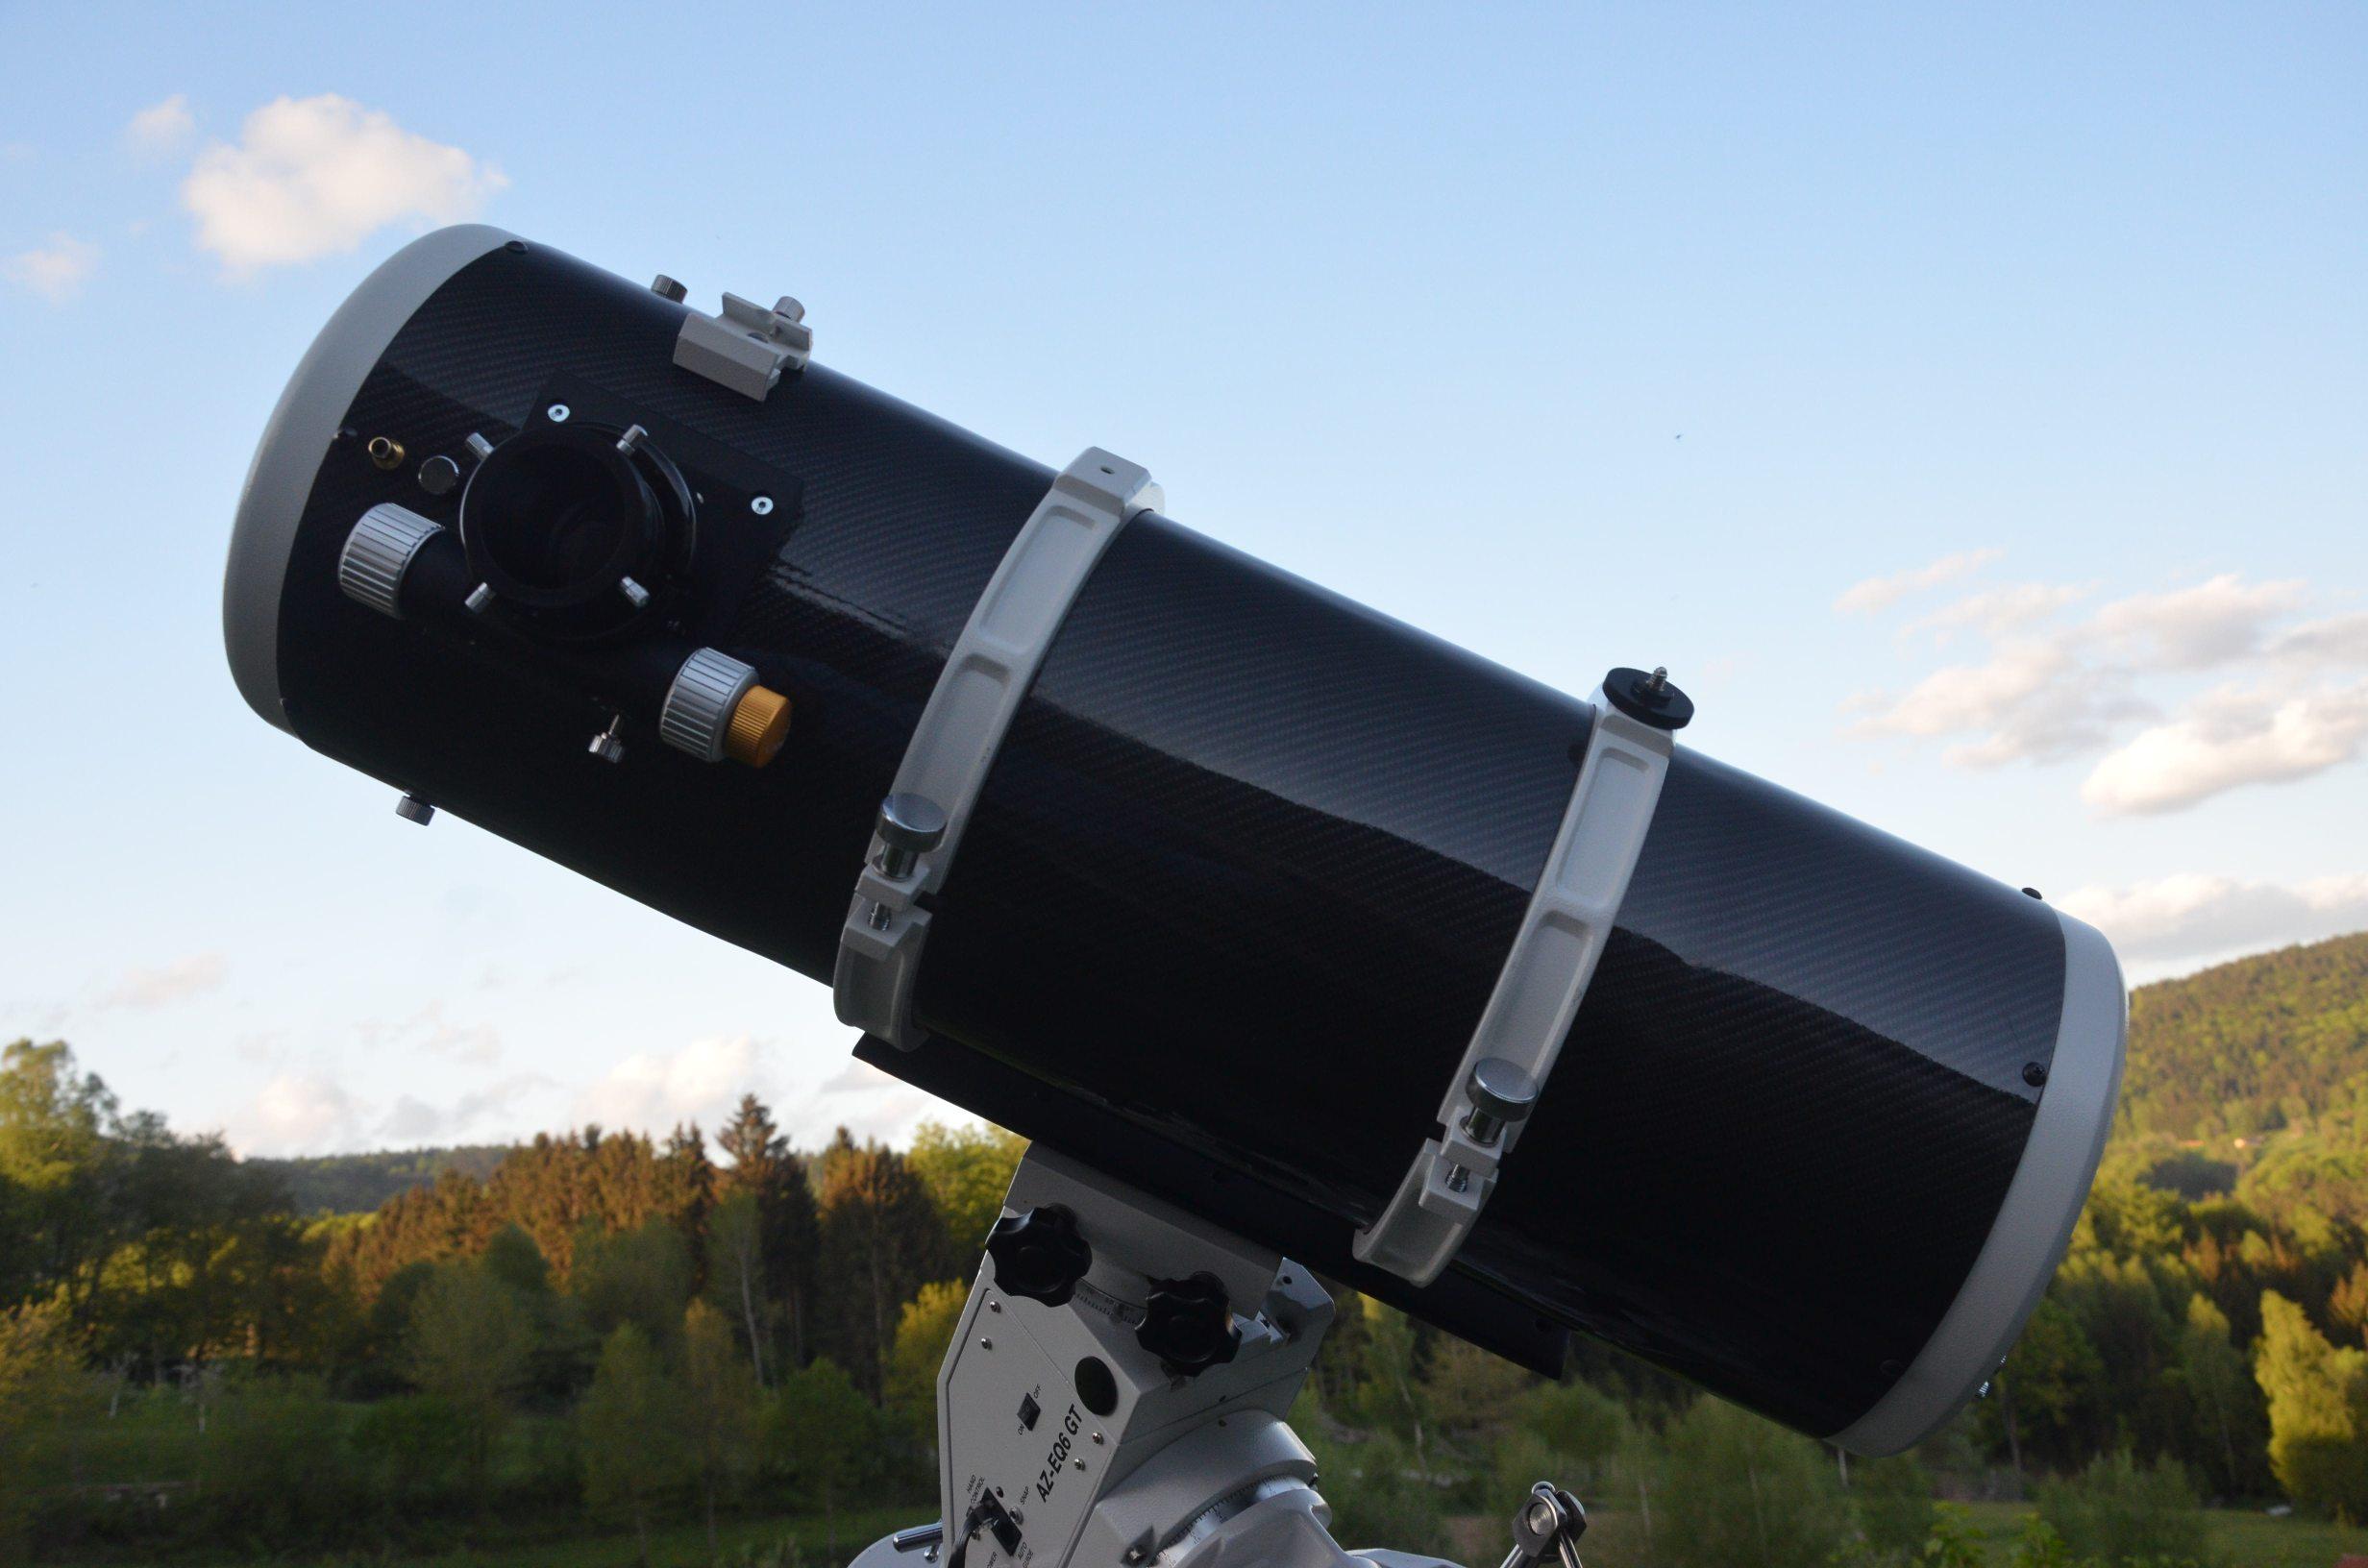 Teleskop express ts m rändelschrauben für fangspiegel justierung